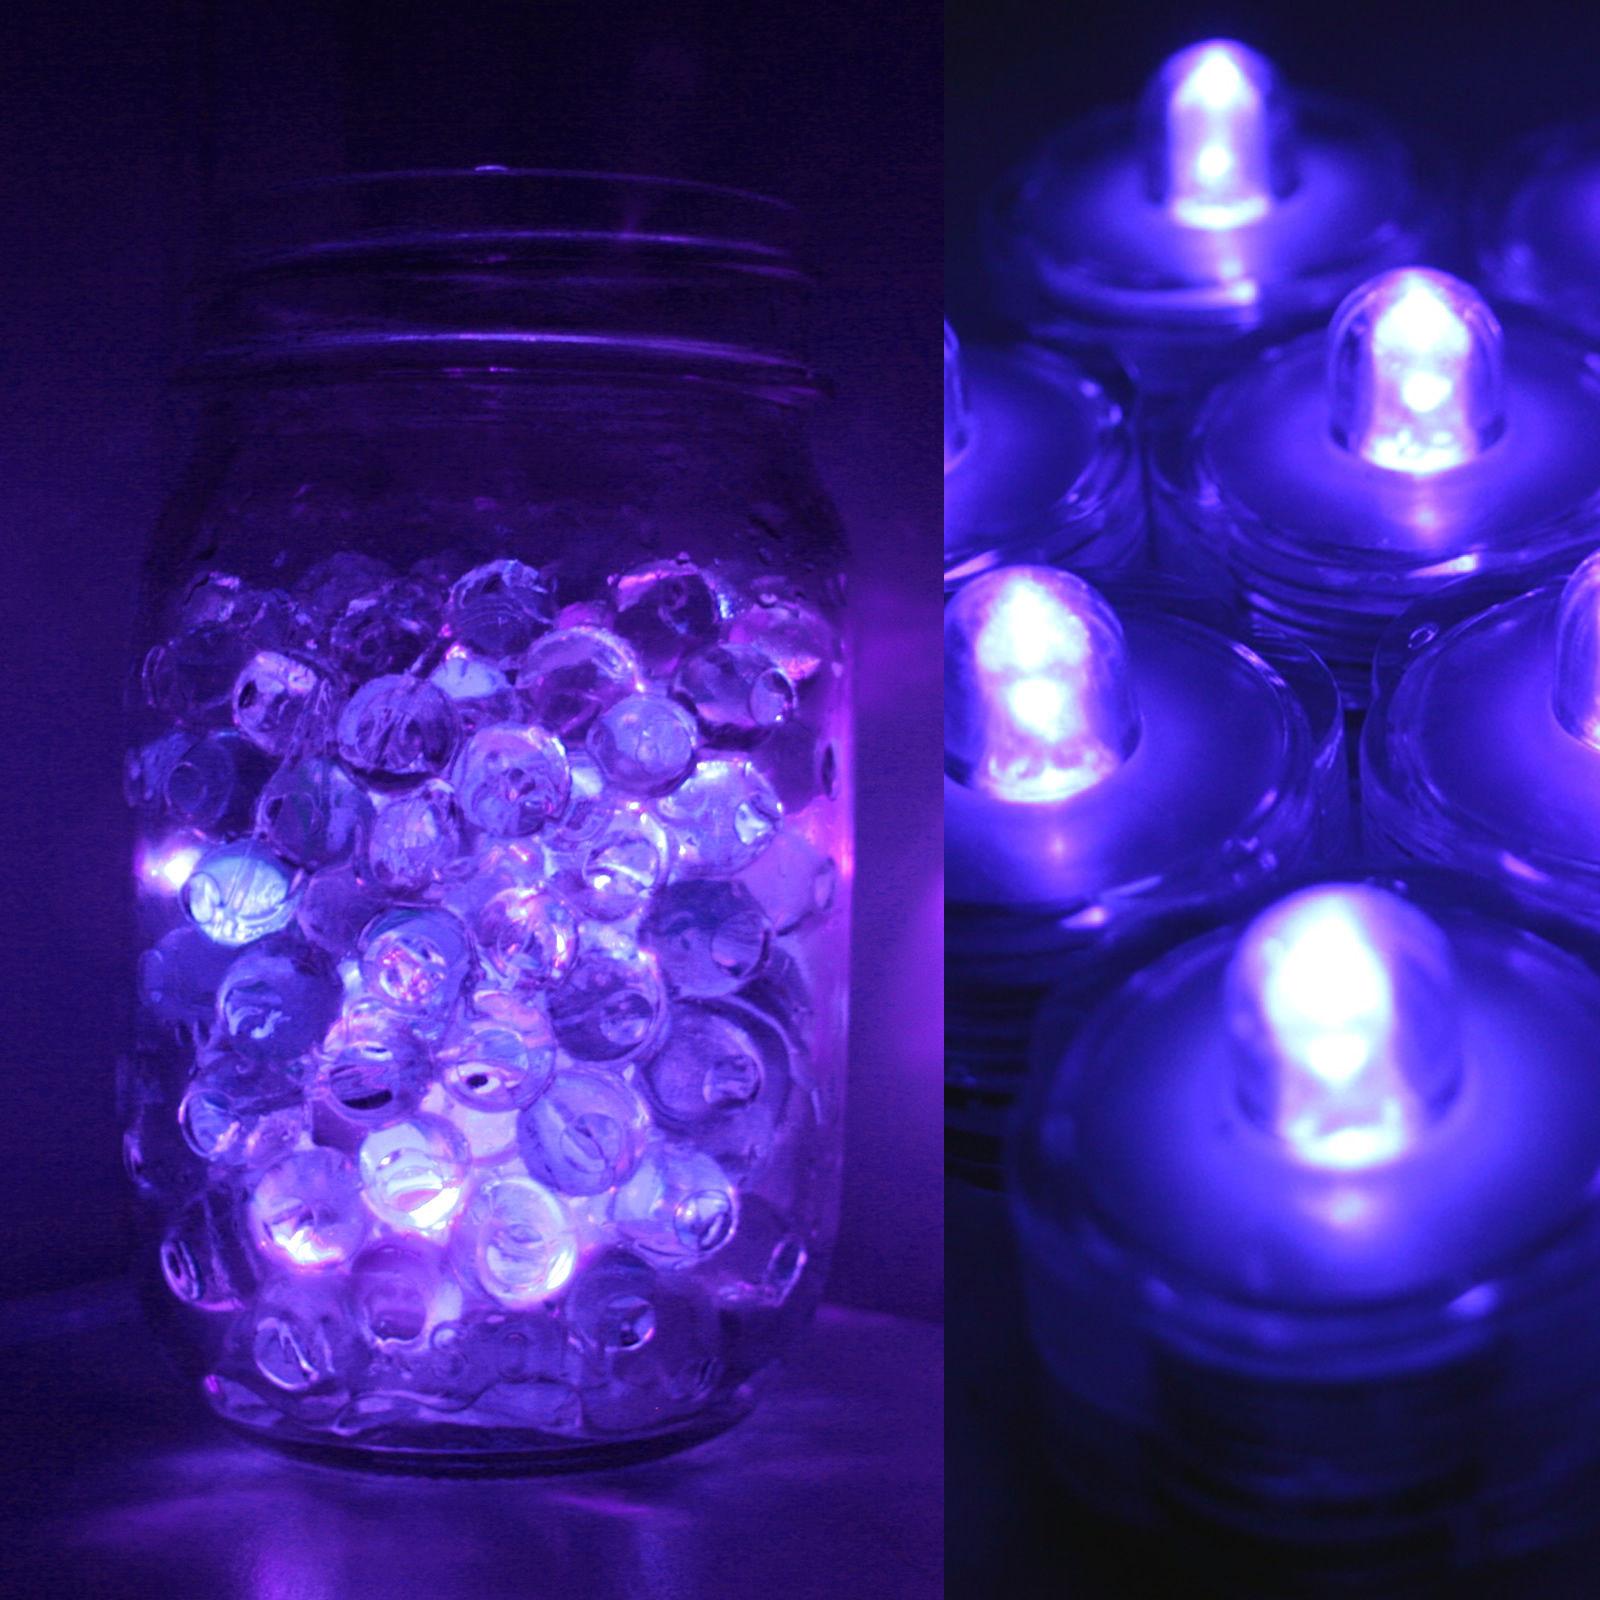 eastland glass cylinder vases of 24 pack purple submersible waterproof underwater battery led tea regarding 24 pack purple submersible waterproof underwater battery led tea light wedding ebay